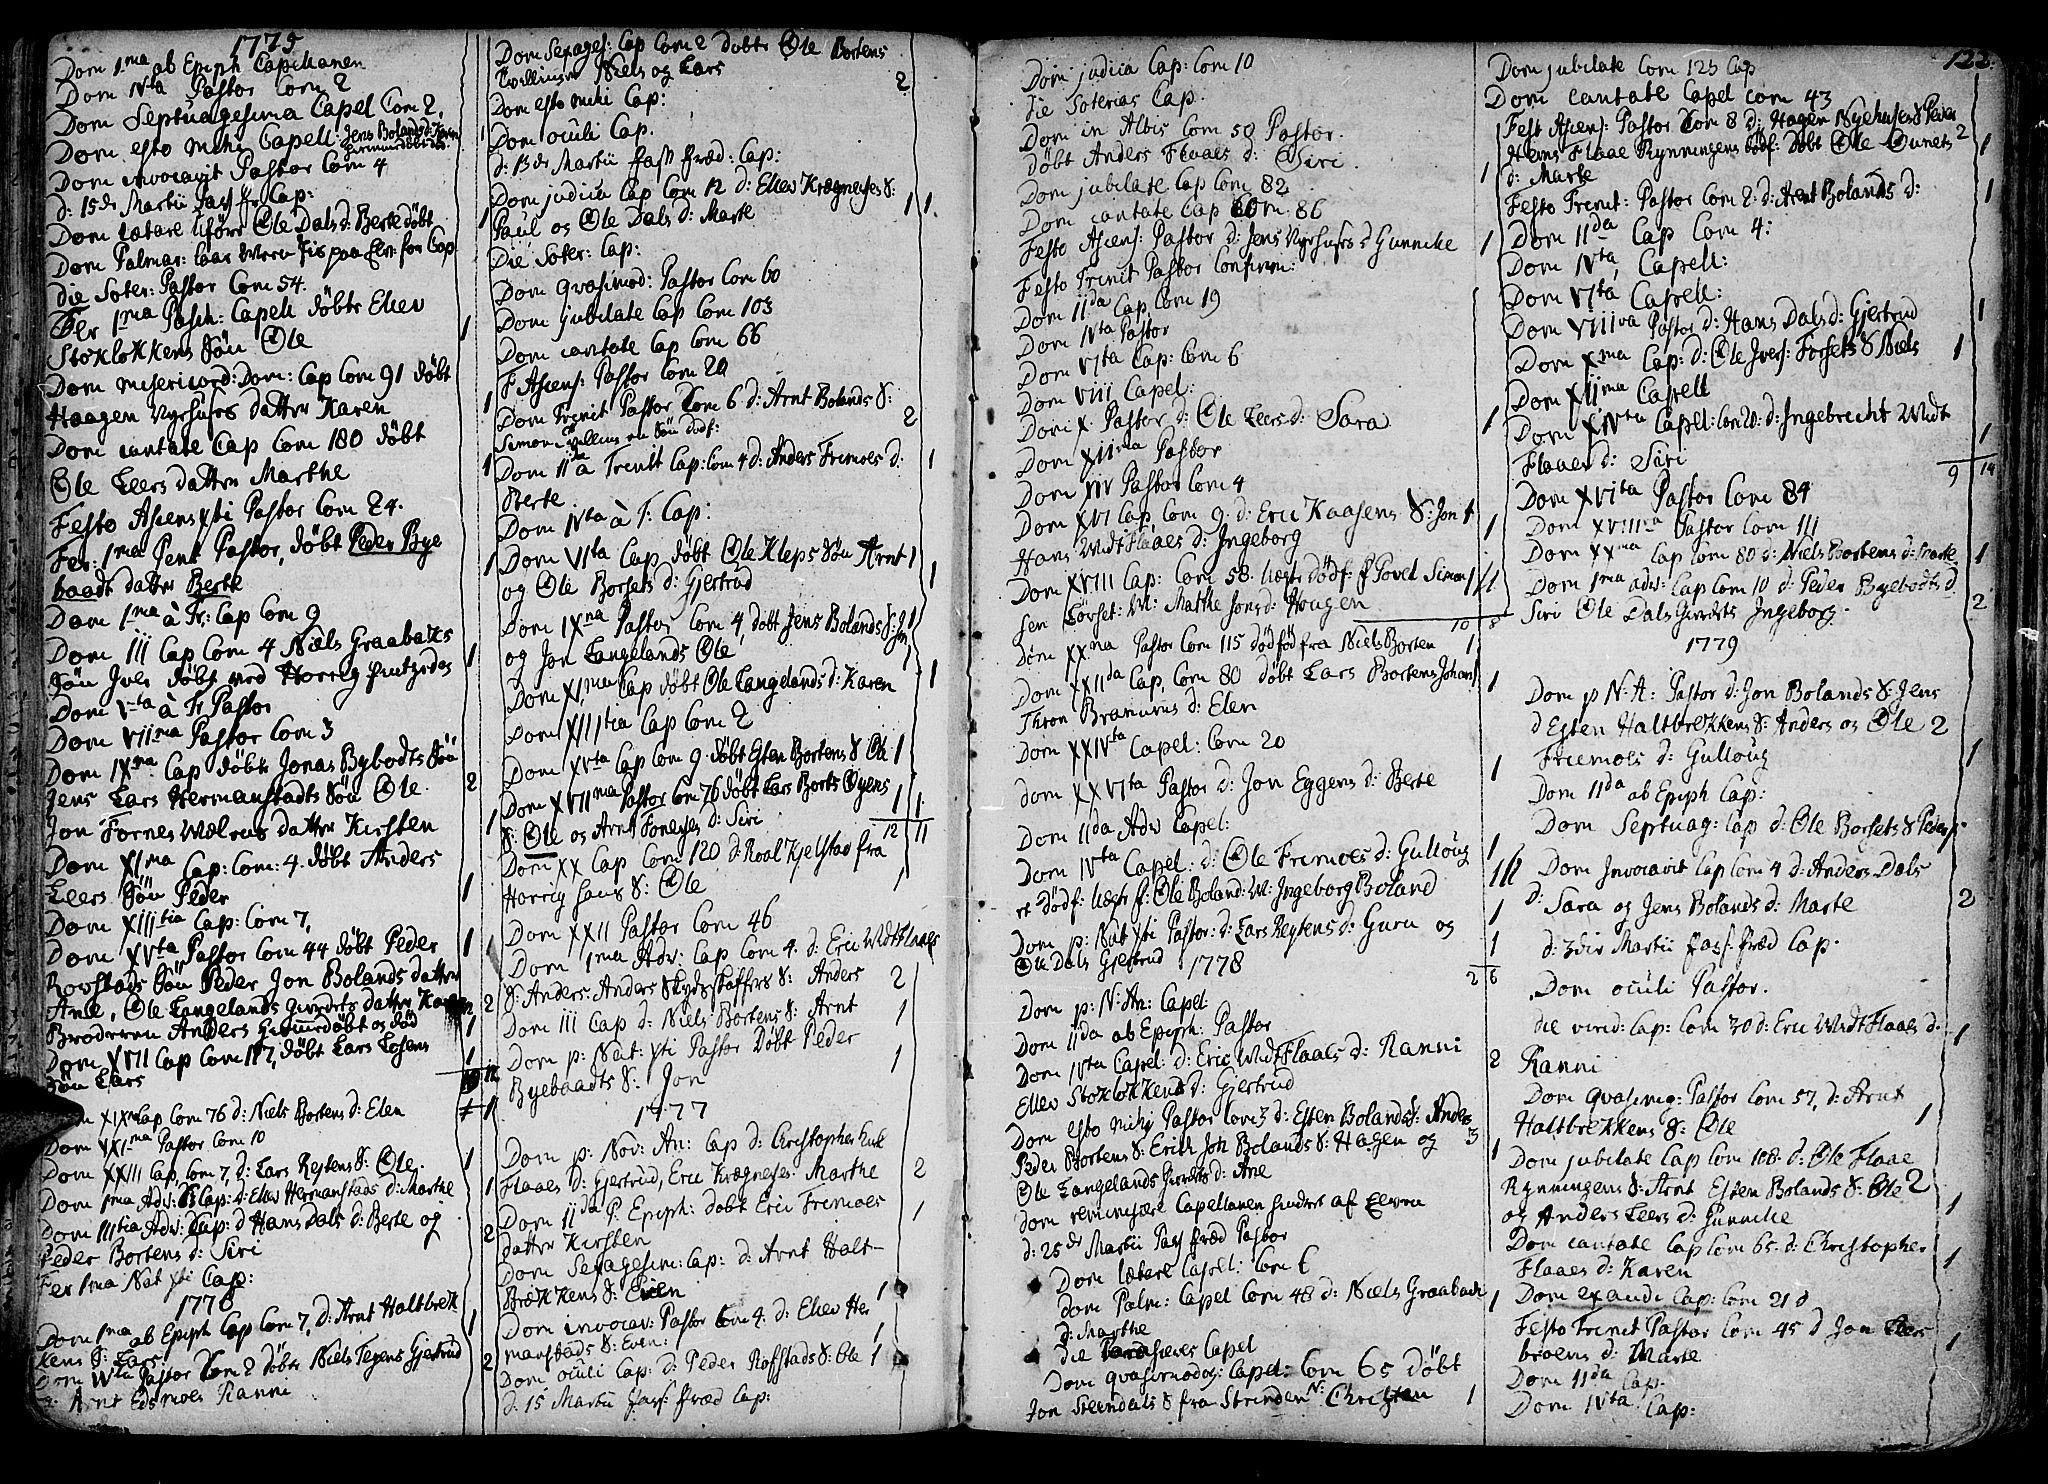 SAT, Ministerialprotokoller, klokkerbøker og fødselsregistre - Sør-Trøndelag, 691/L1062: Ministerialbok nr. 691A02 /2, 1768-1815, s. 122